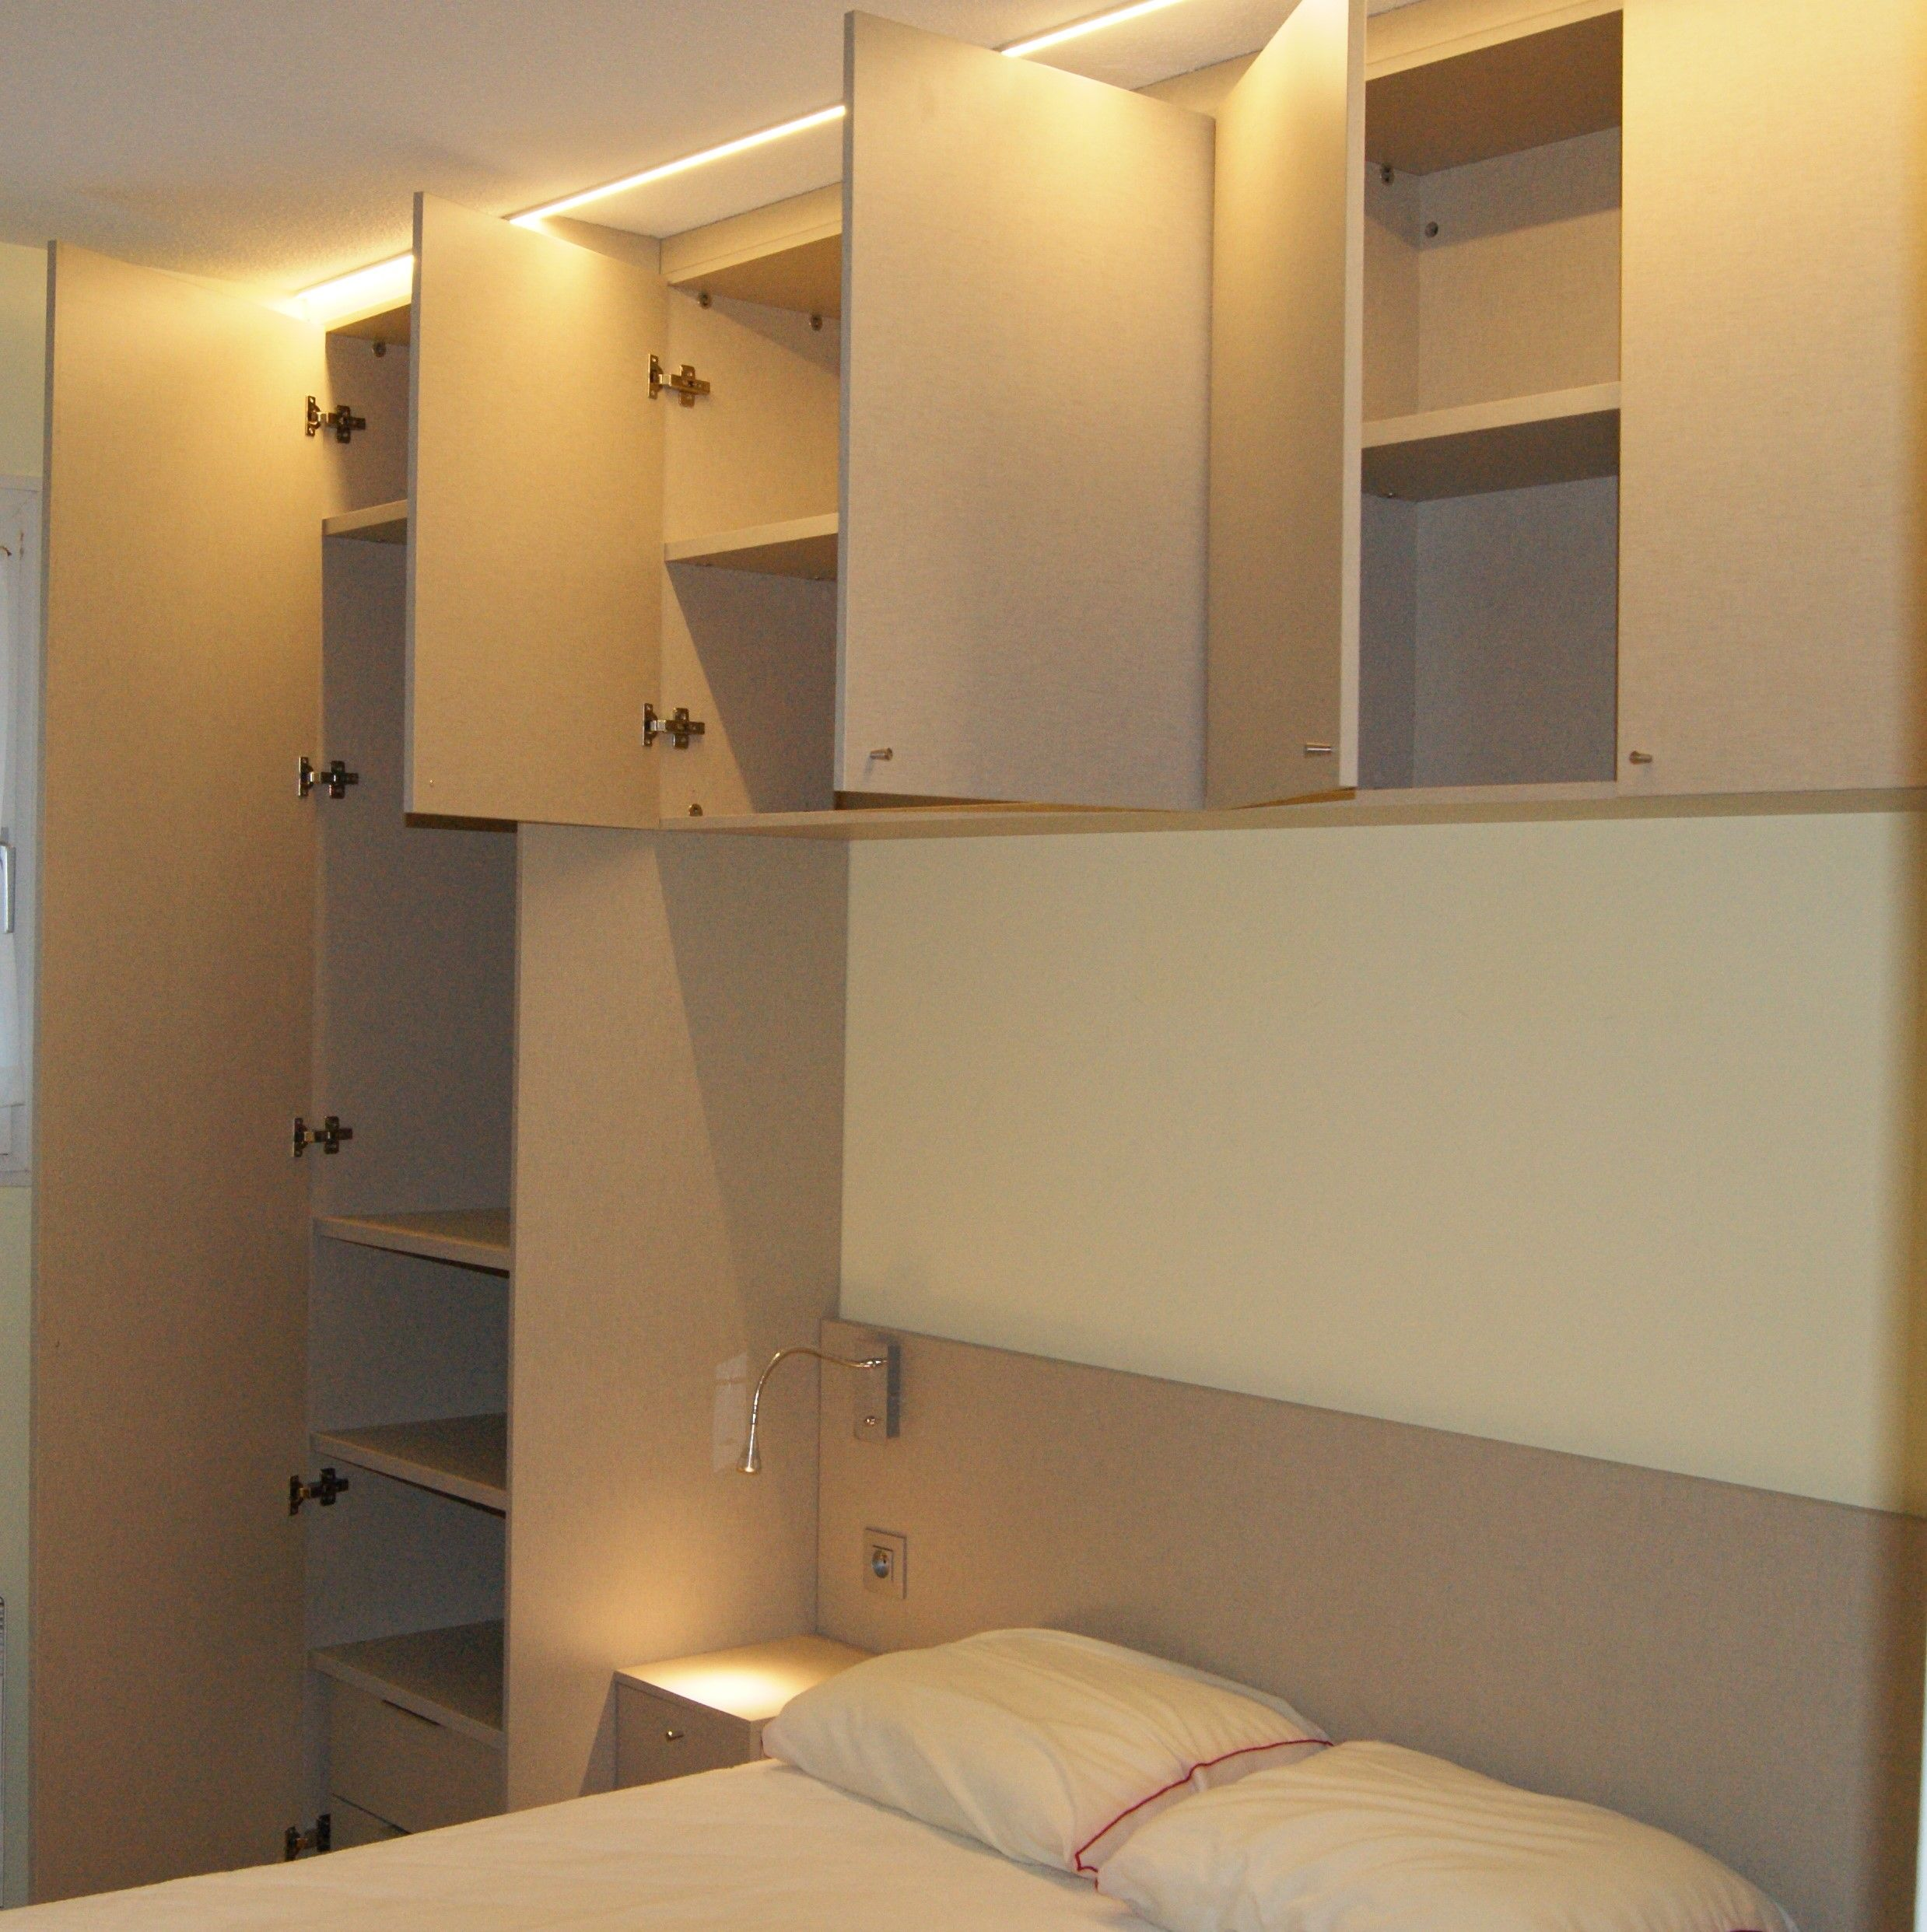 Armoire Gain De Place gain de place petite chambre (suite) | amenagement petit